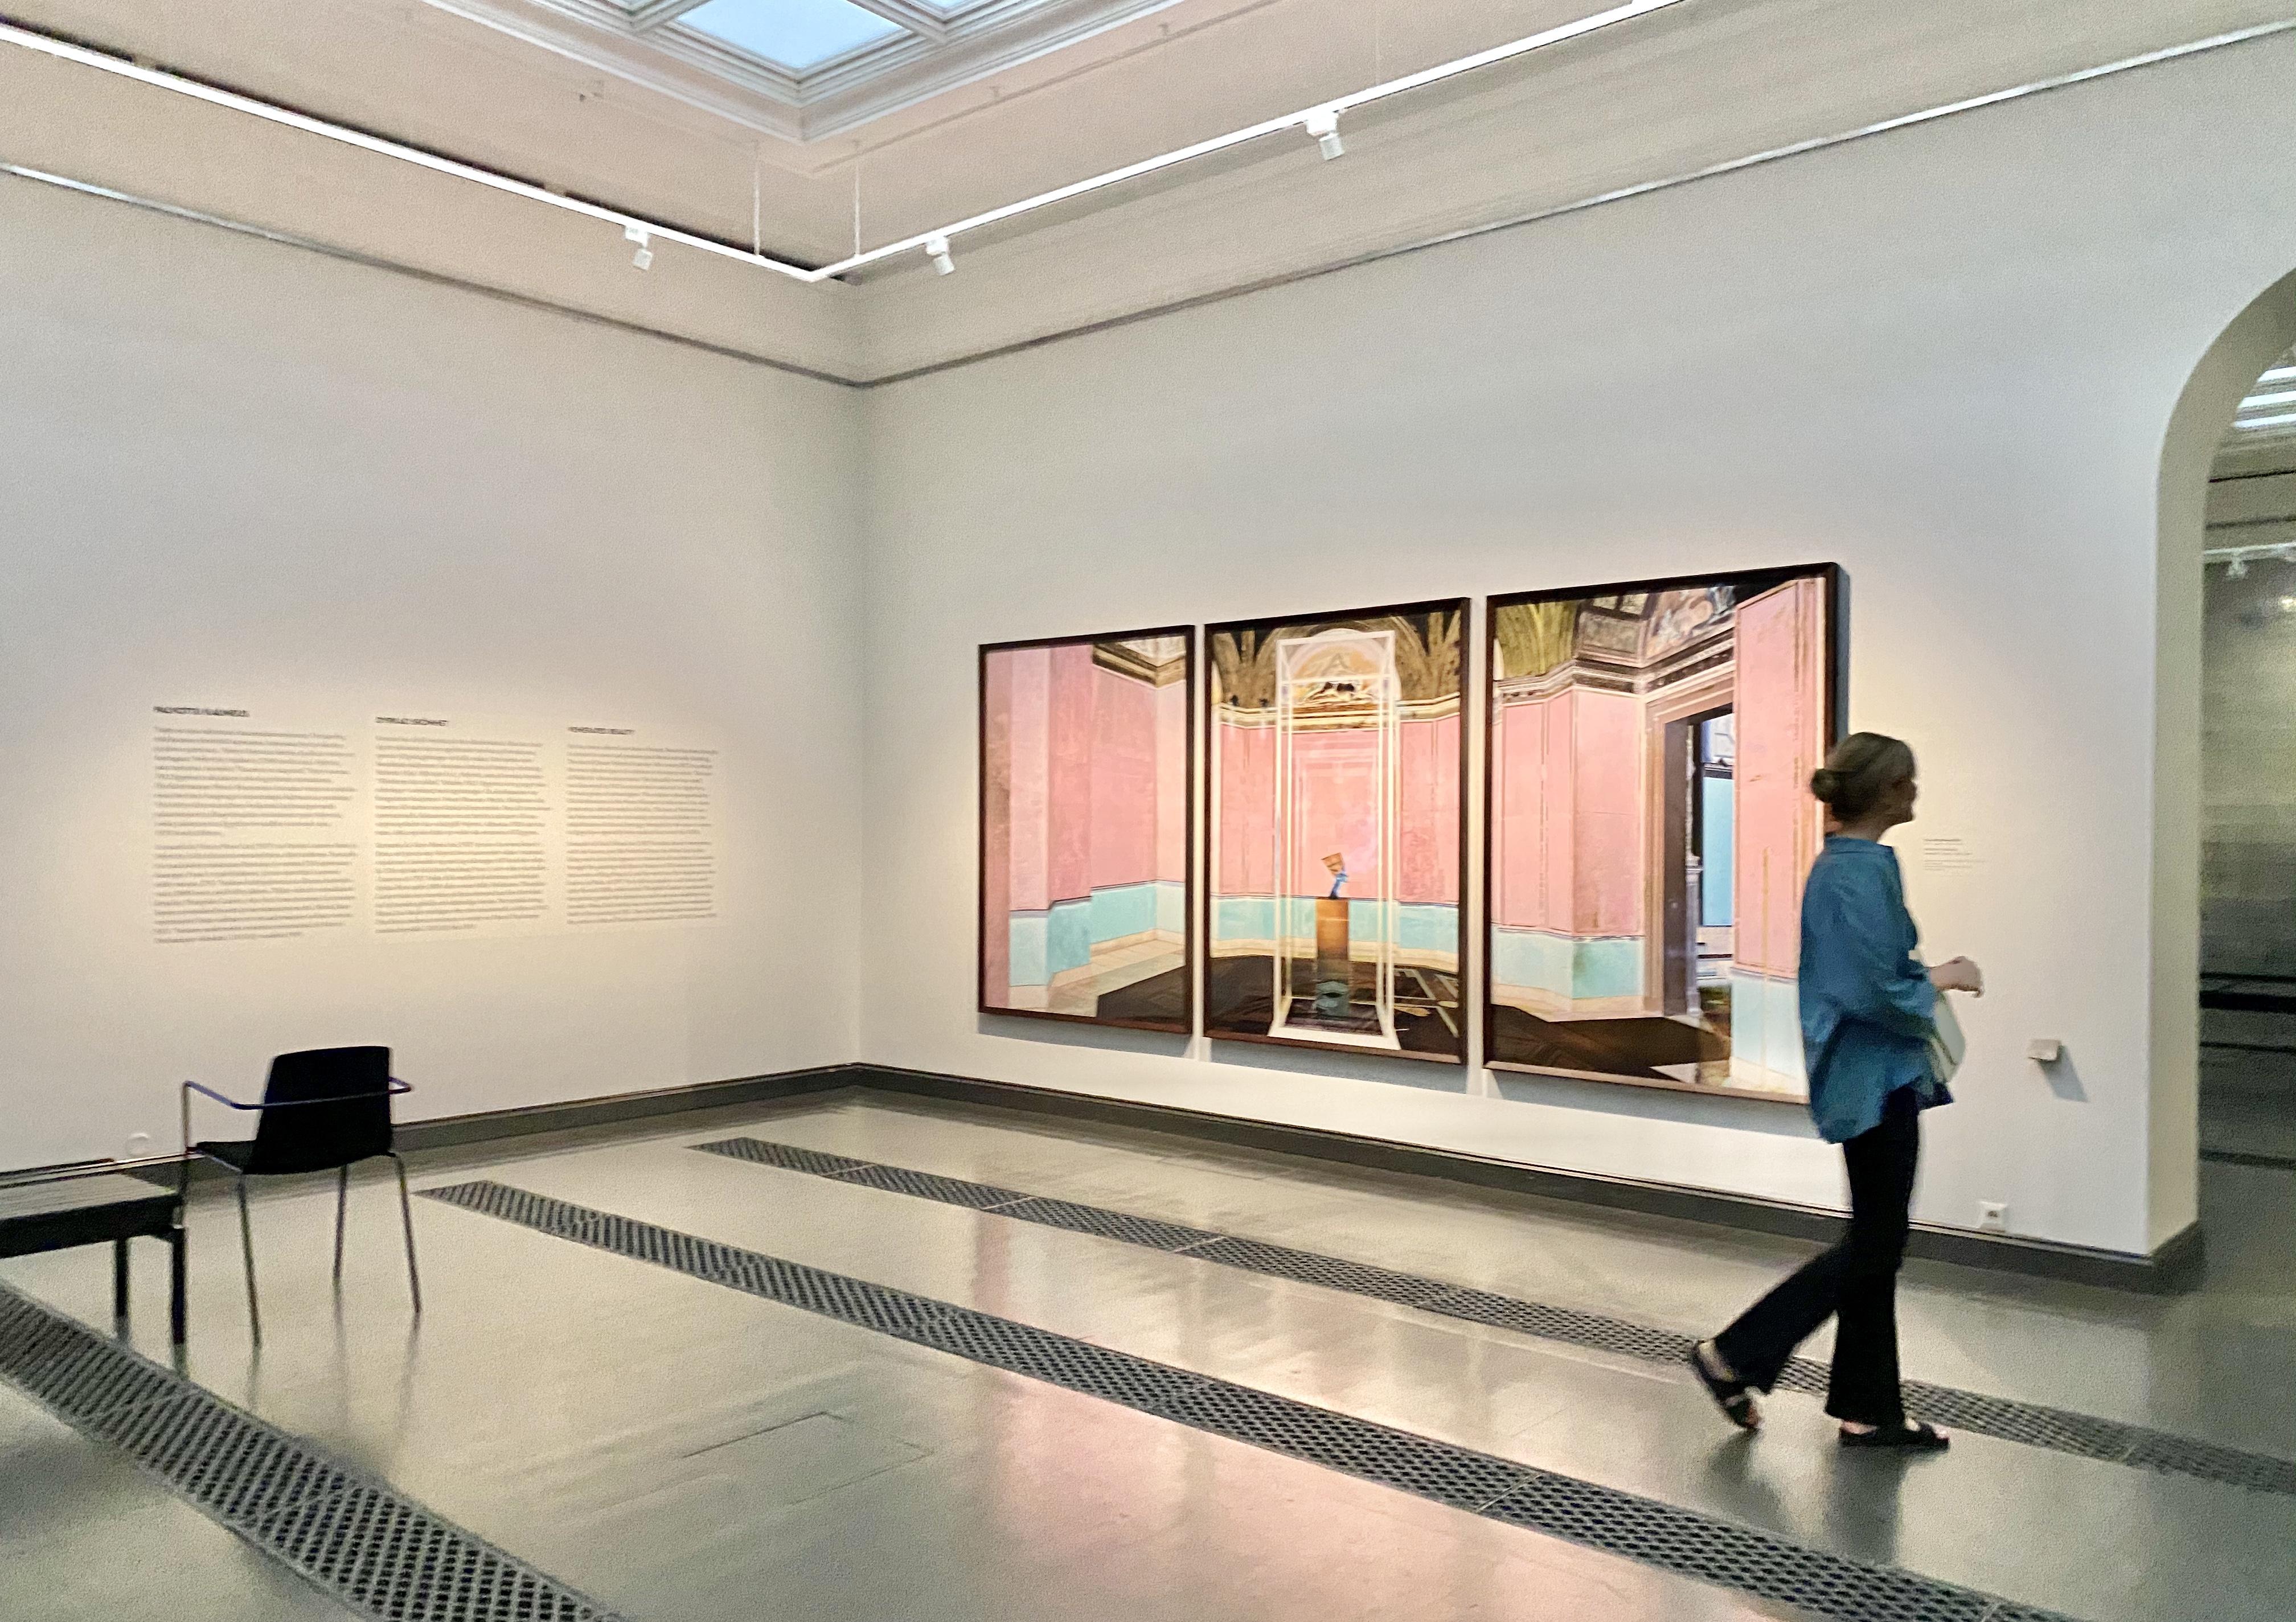 Helsingin inspiroivat taidemuseot